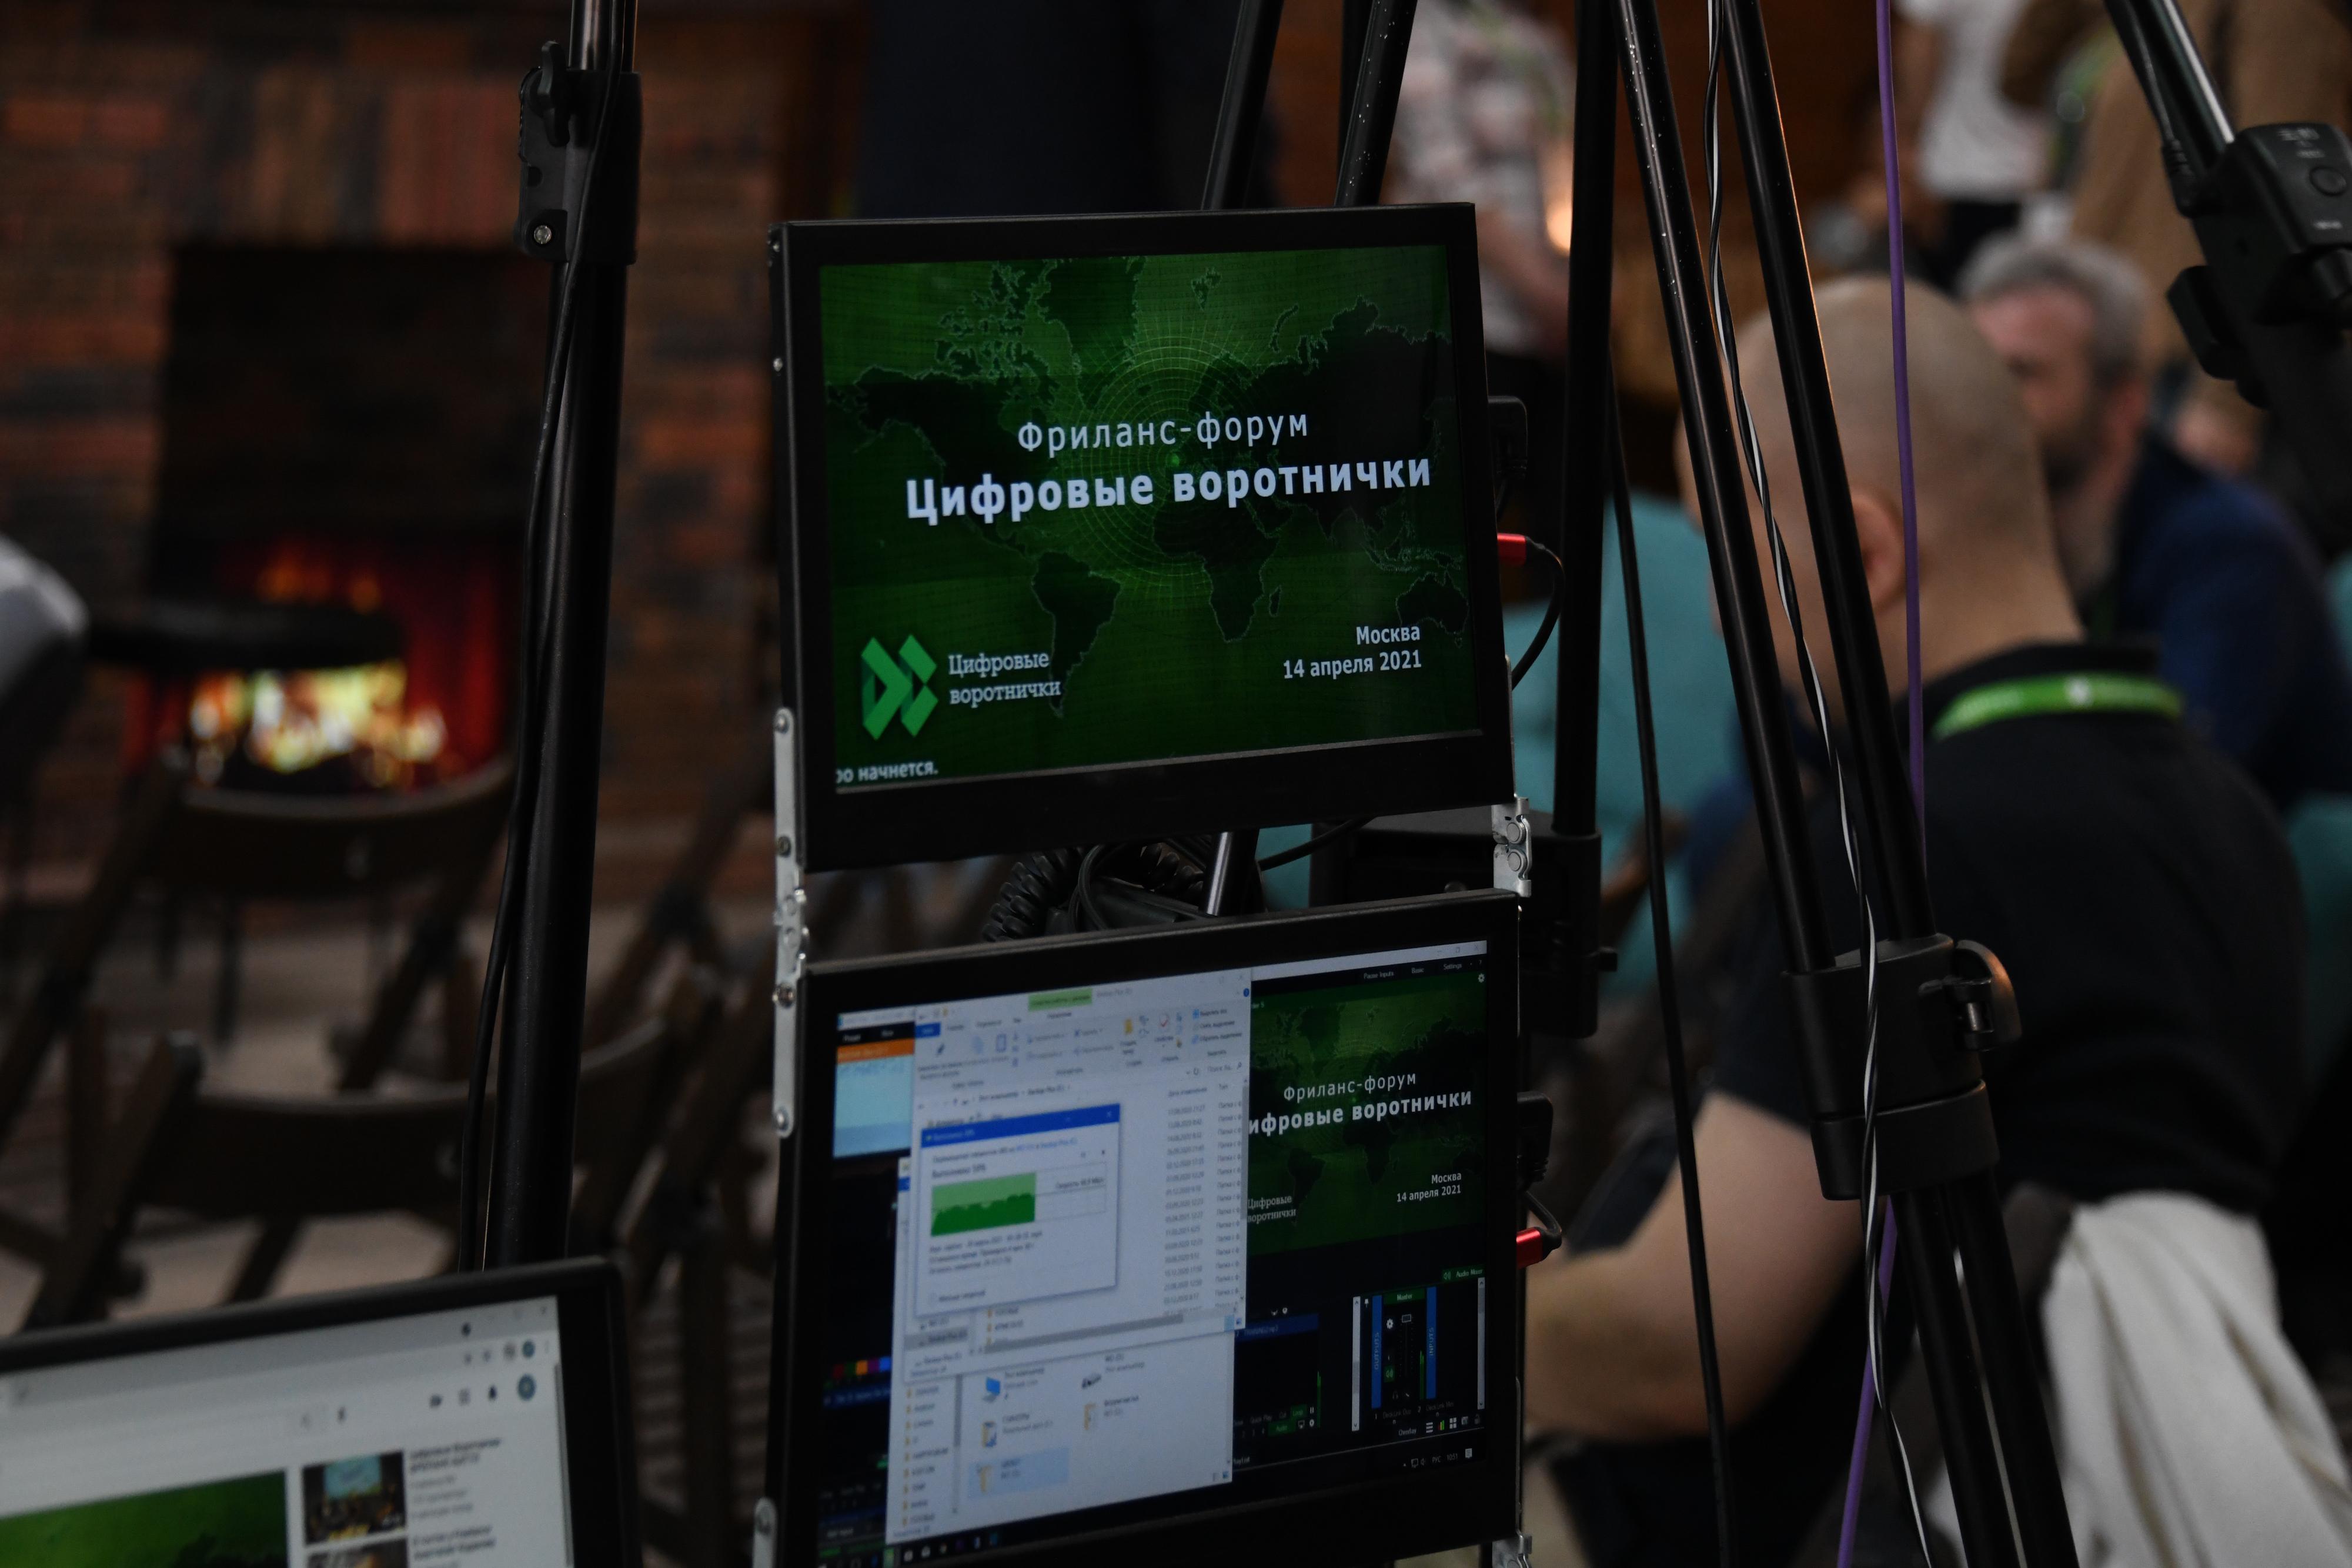 Цифровые воротнички 2021 - Вперед в будущее!